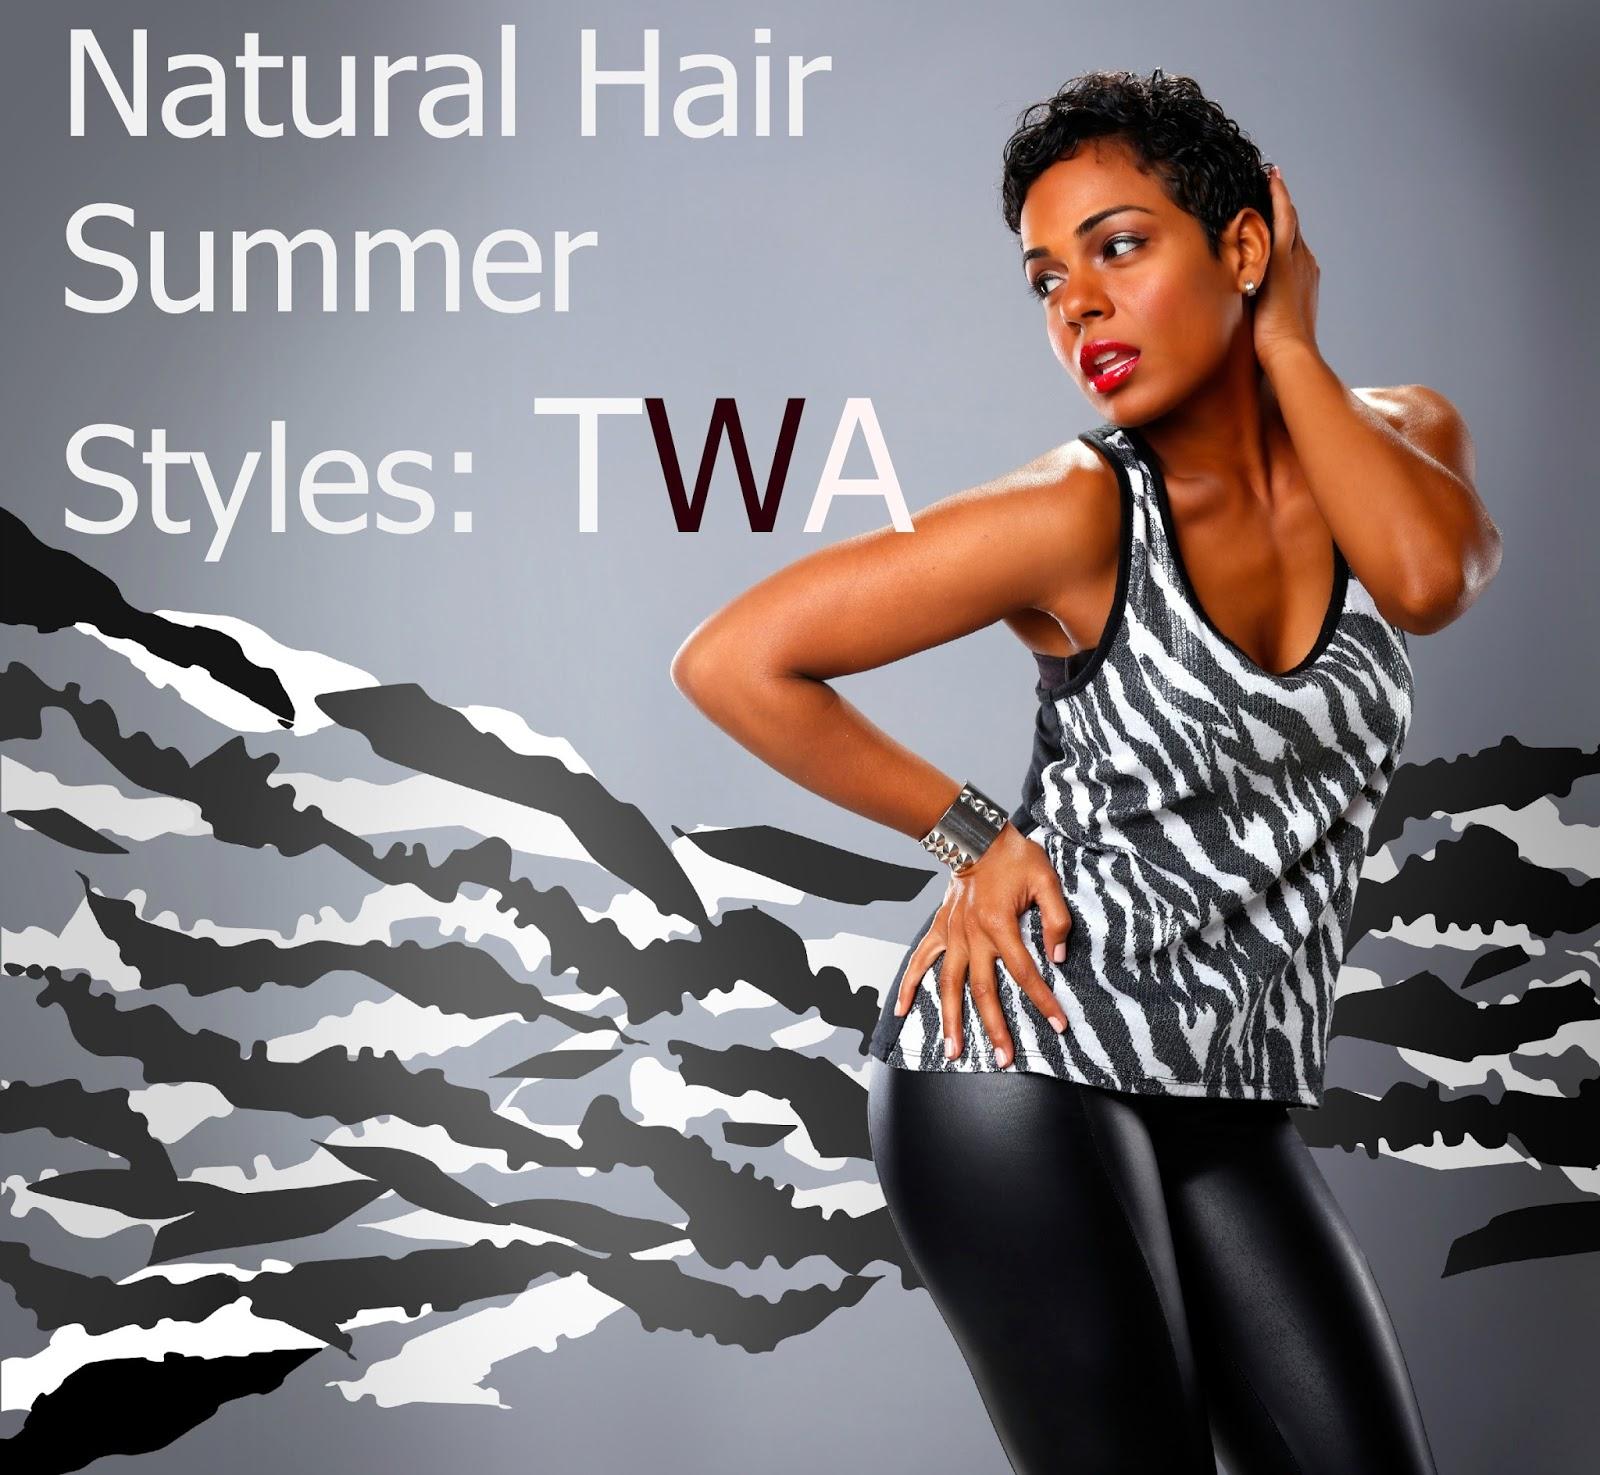 Natural Hair Summer Styles: TWA